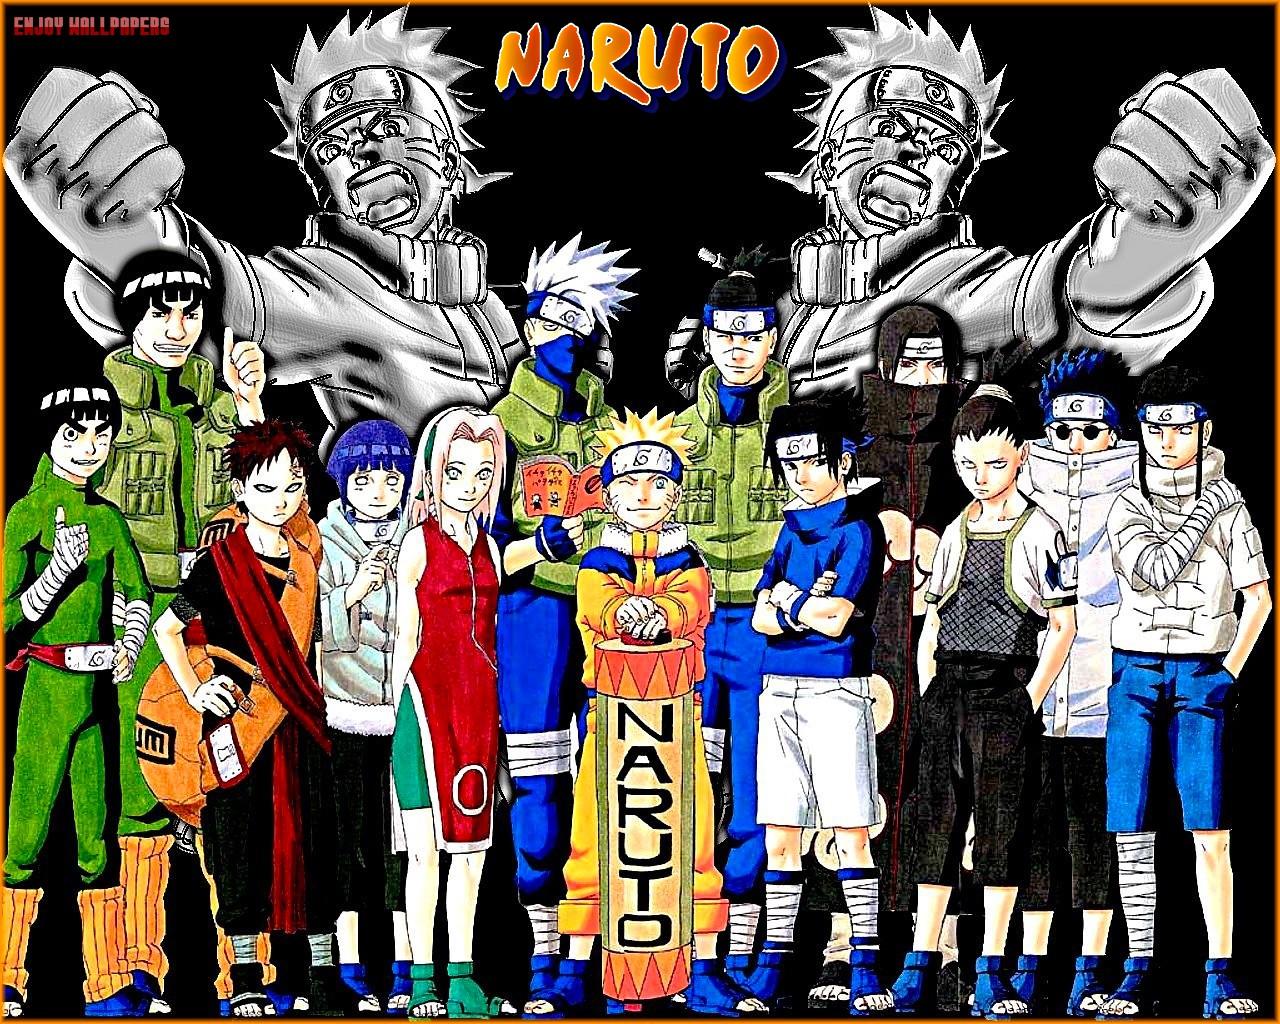 Kumpulan Animasi Indonesia Naruto Kantor Meme Download Anime Aplikasi Android